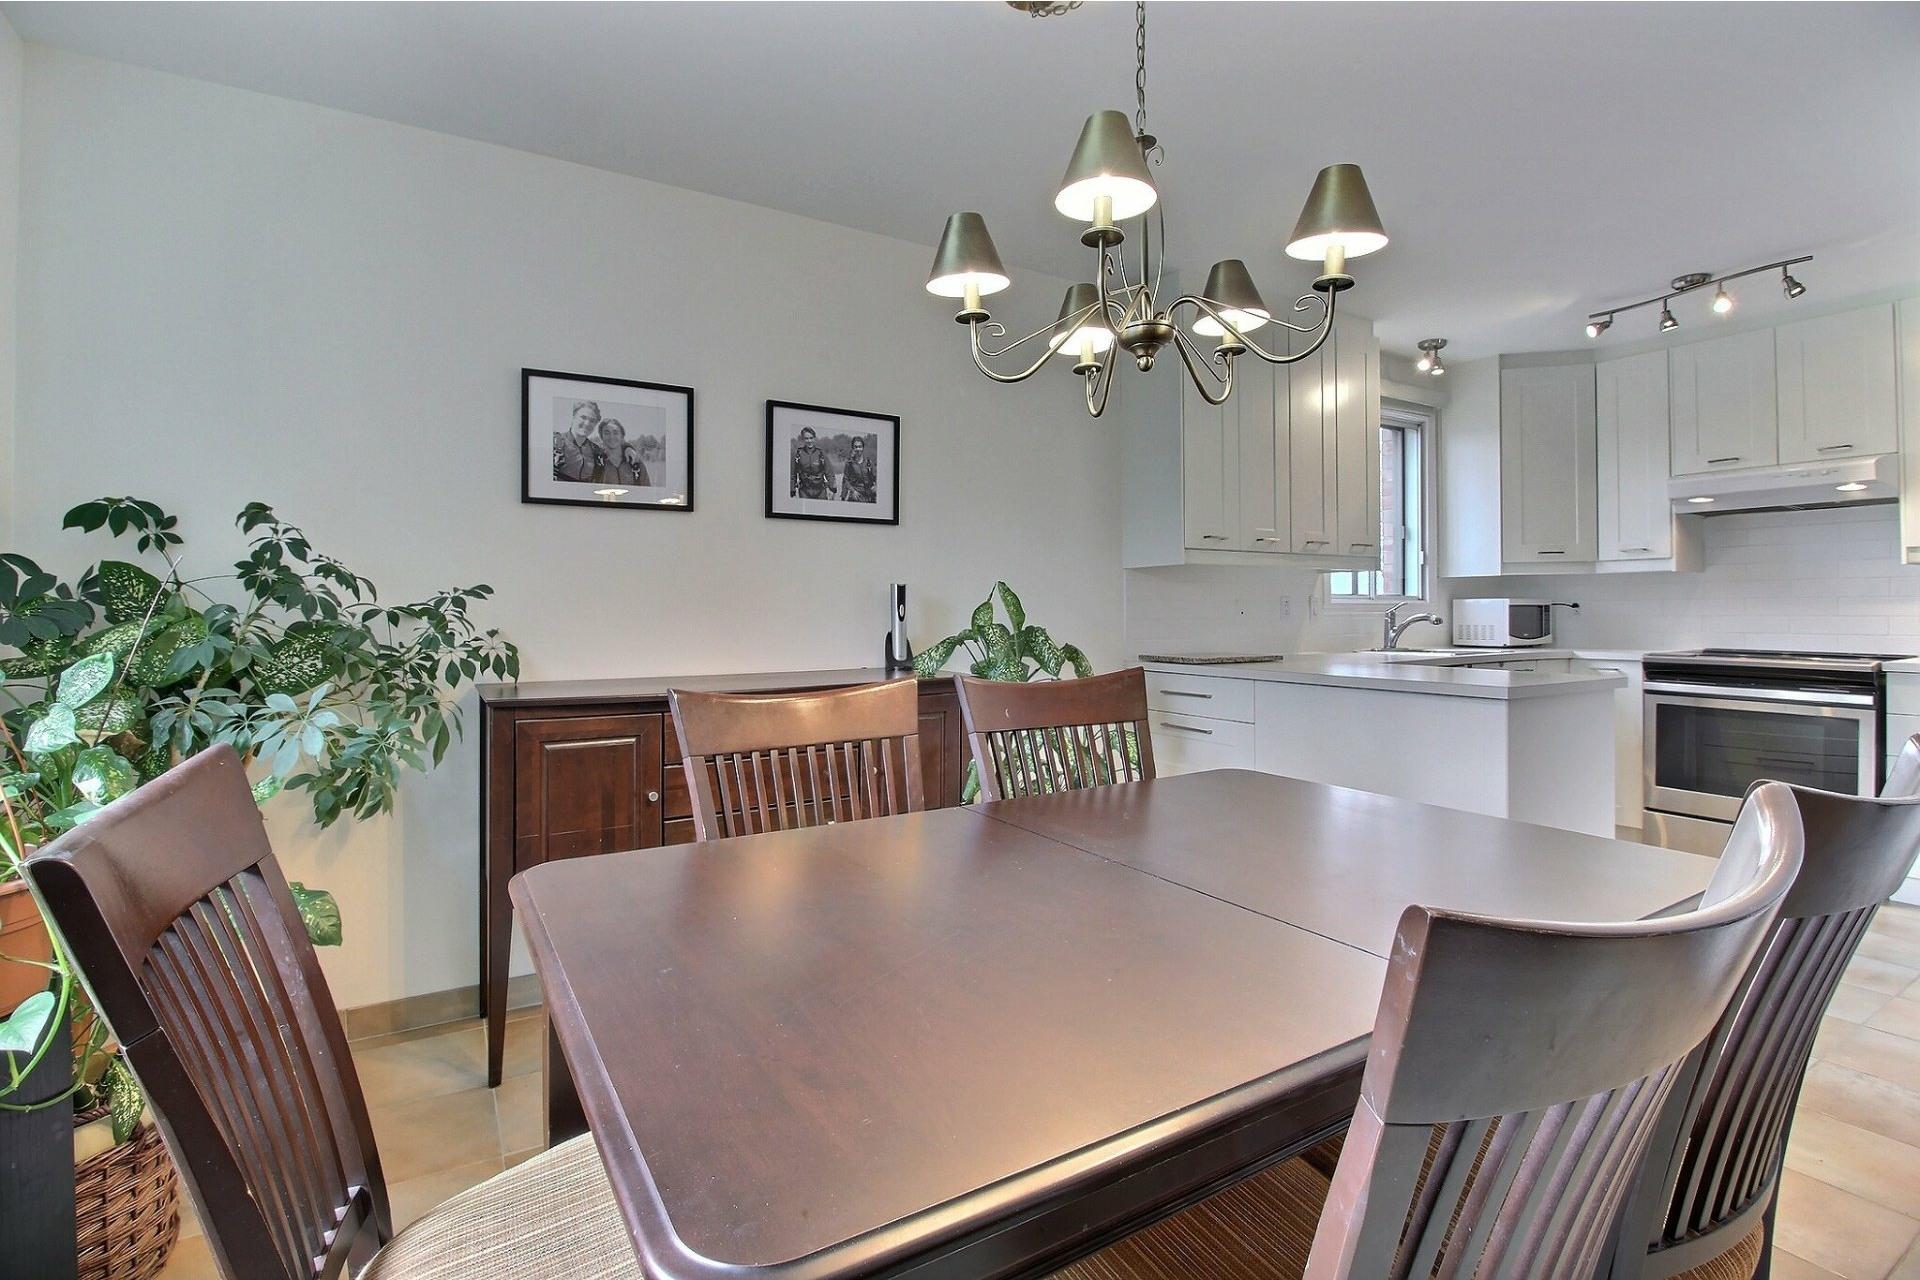 image 6 - Appartement À vendre Rivière-des-Prairies/Pointe-aux-Trembles Montréal  - 5 pièces